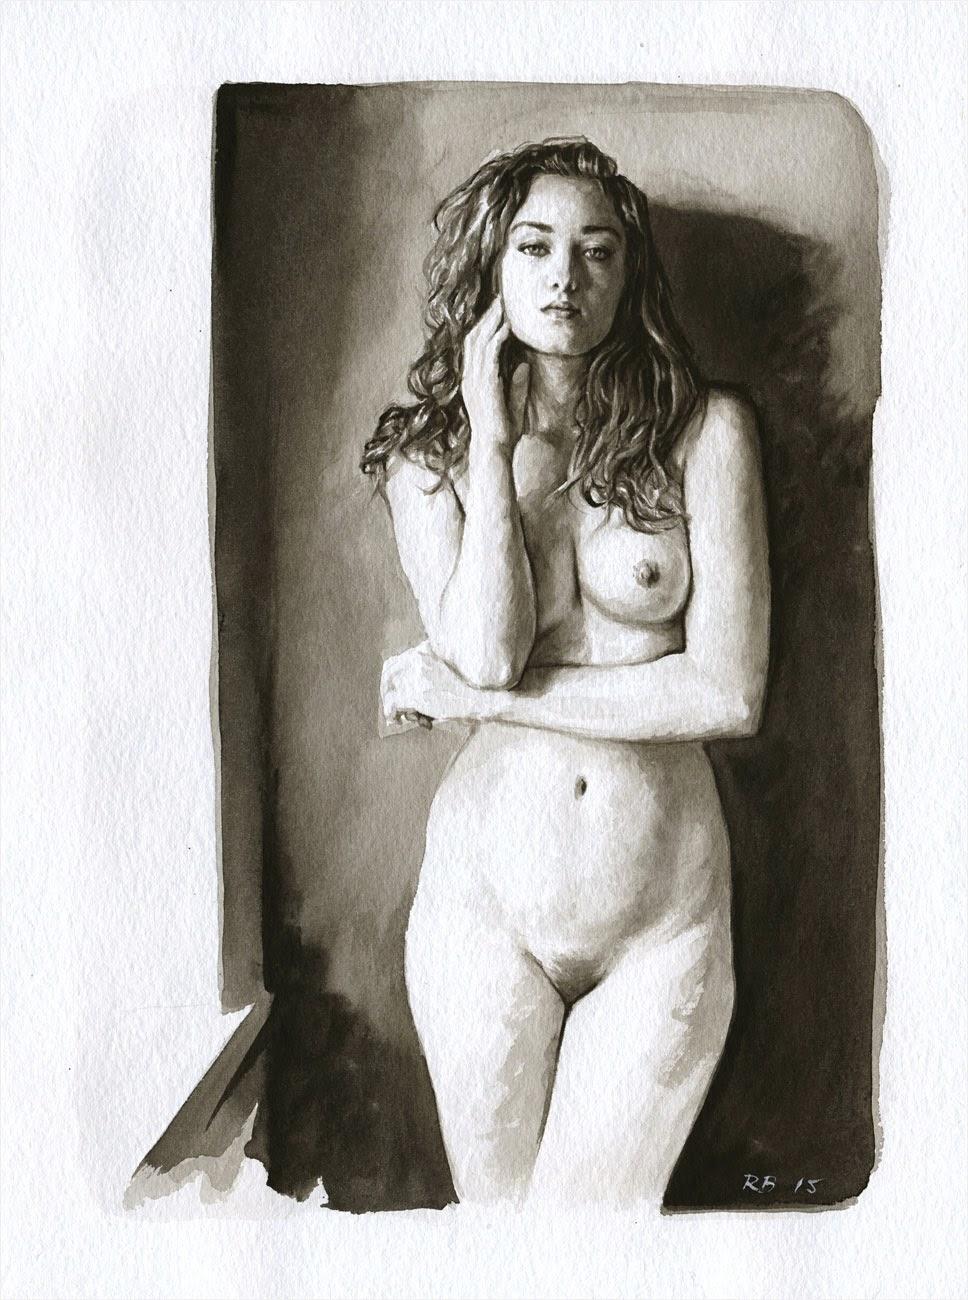 René Bui - Etude de nu à l'aquarelle 150122 - 2015